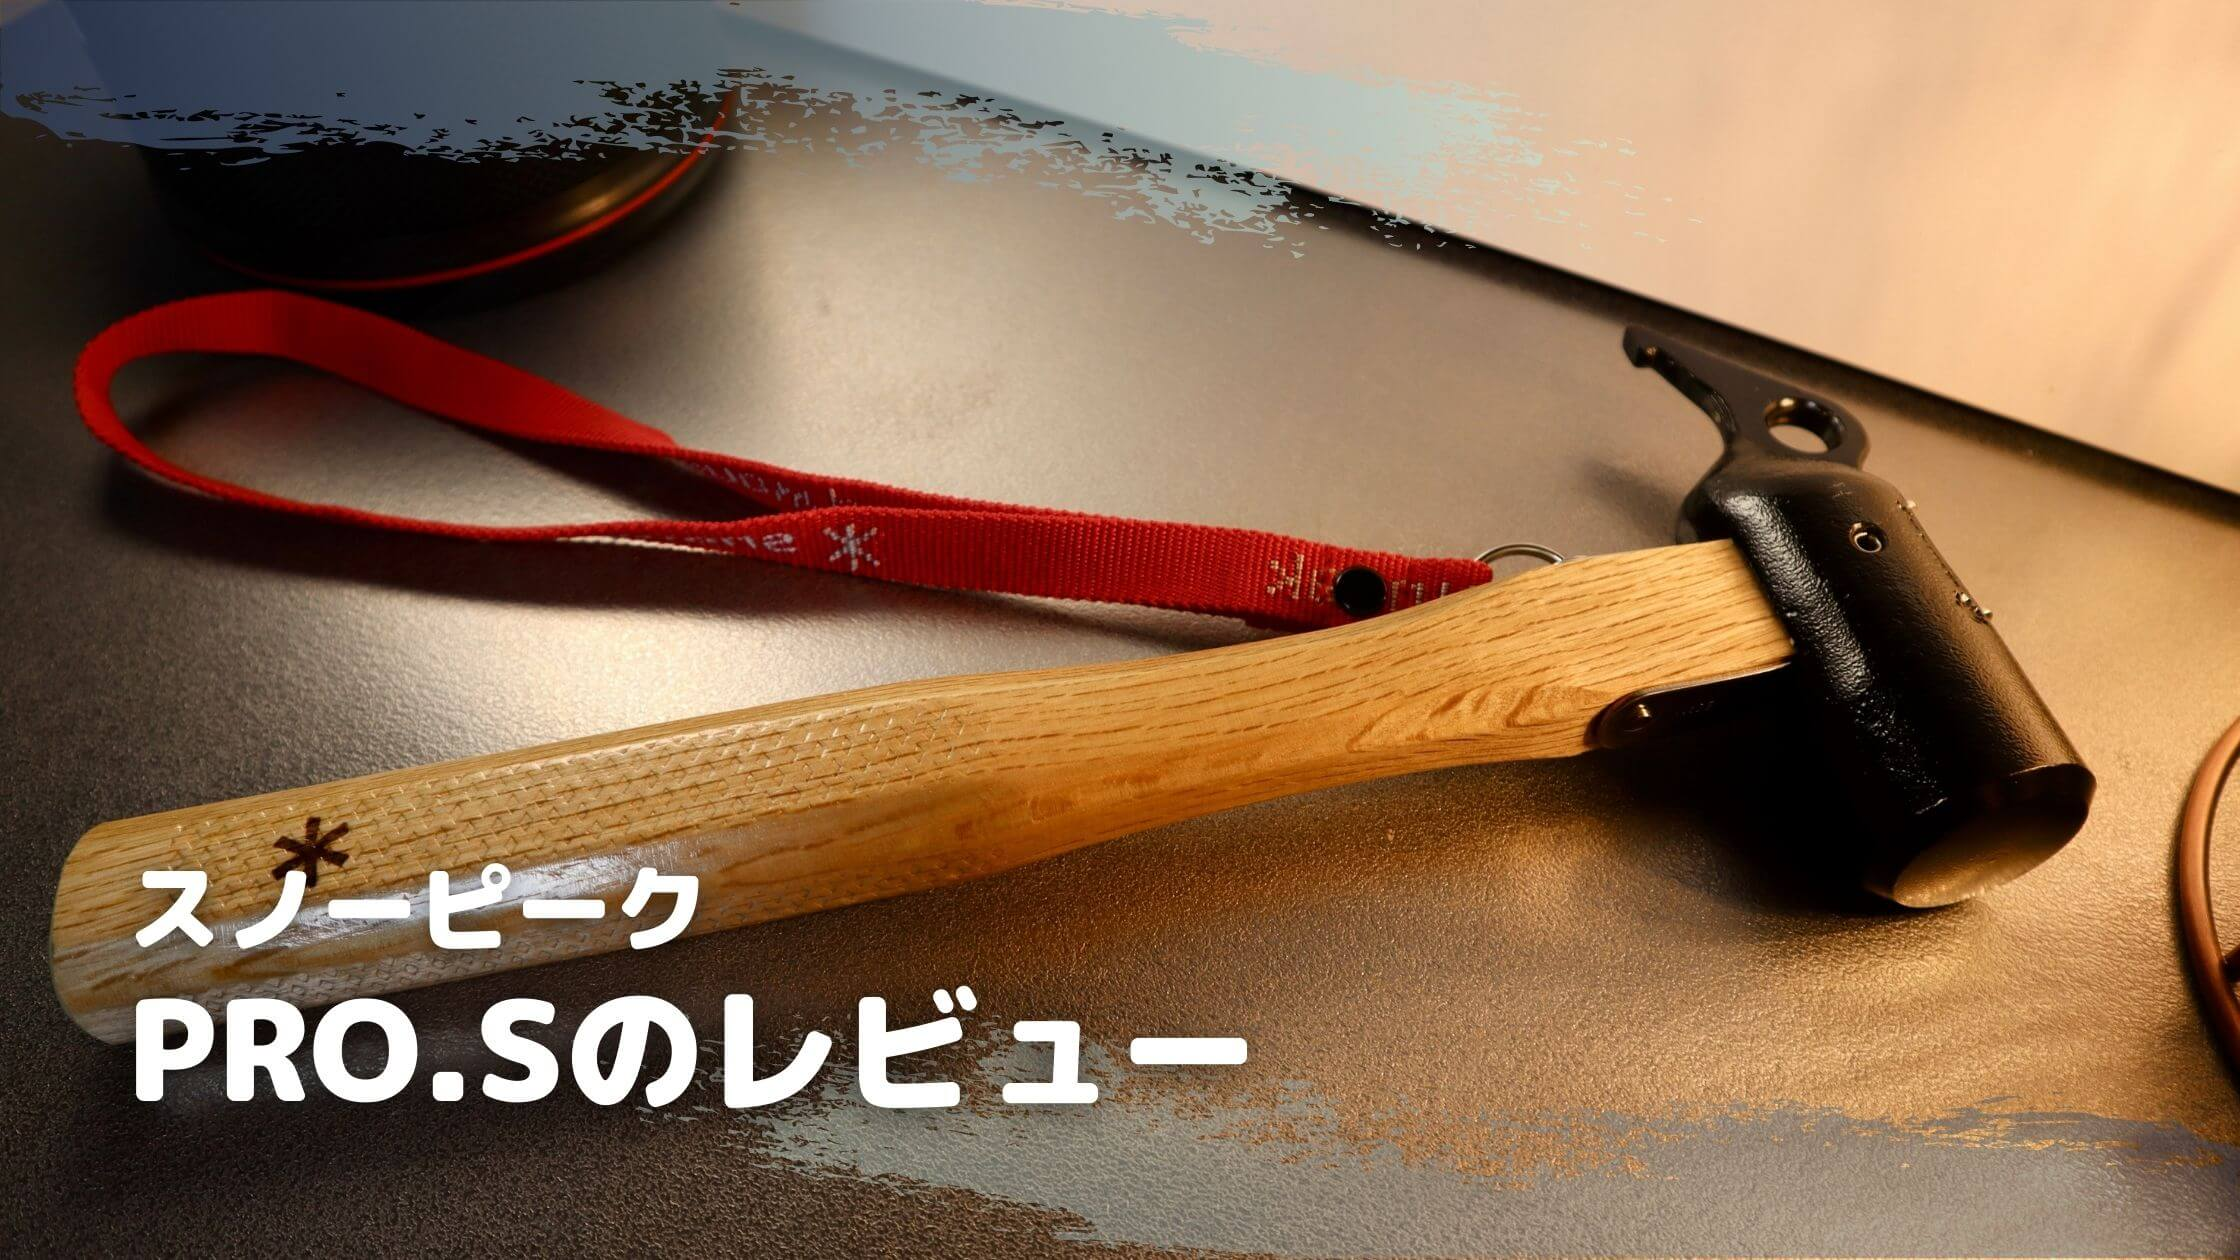 【スノーピークのPRO.Sをレビュー】長く愛用できる鍛造製のペグハンマー